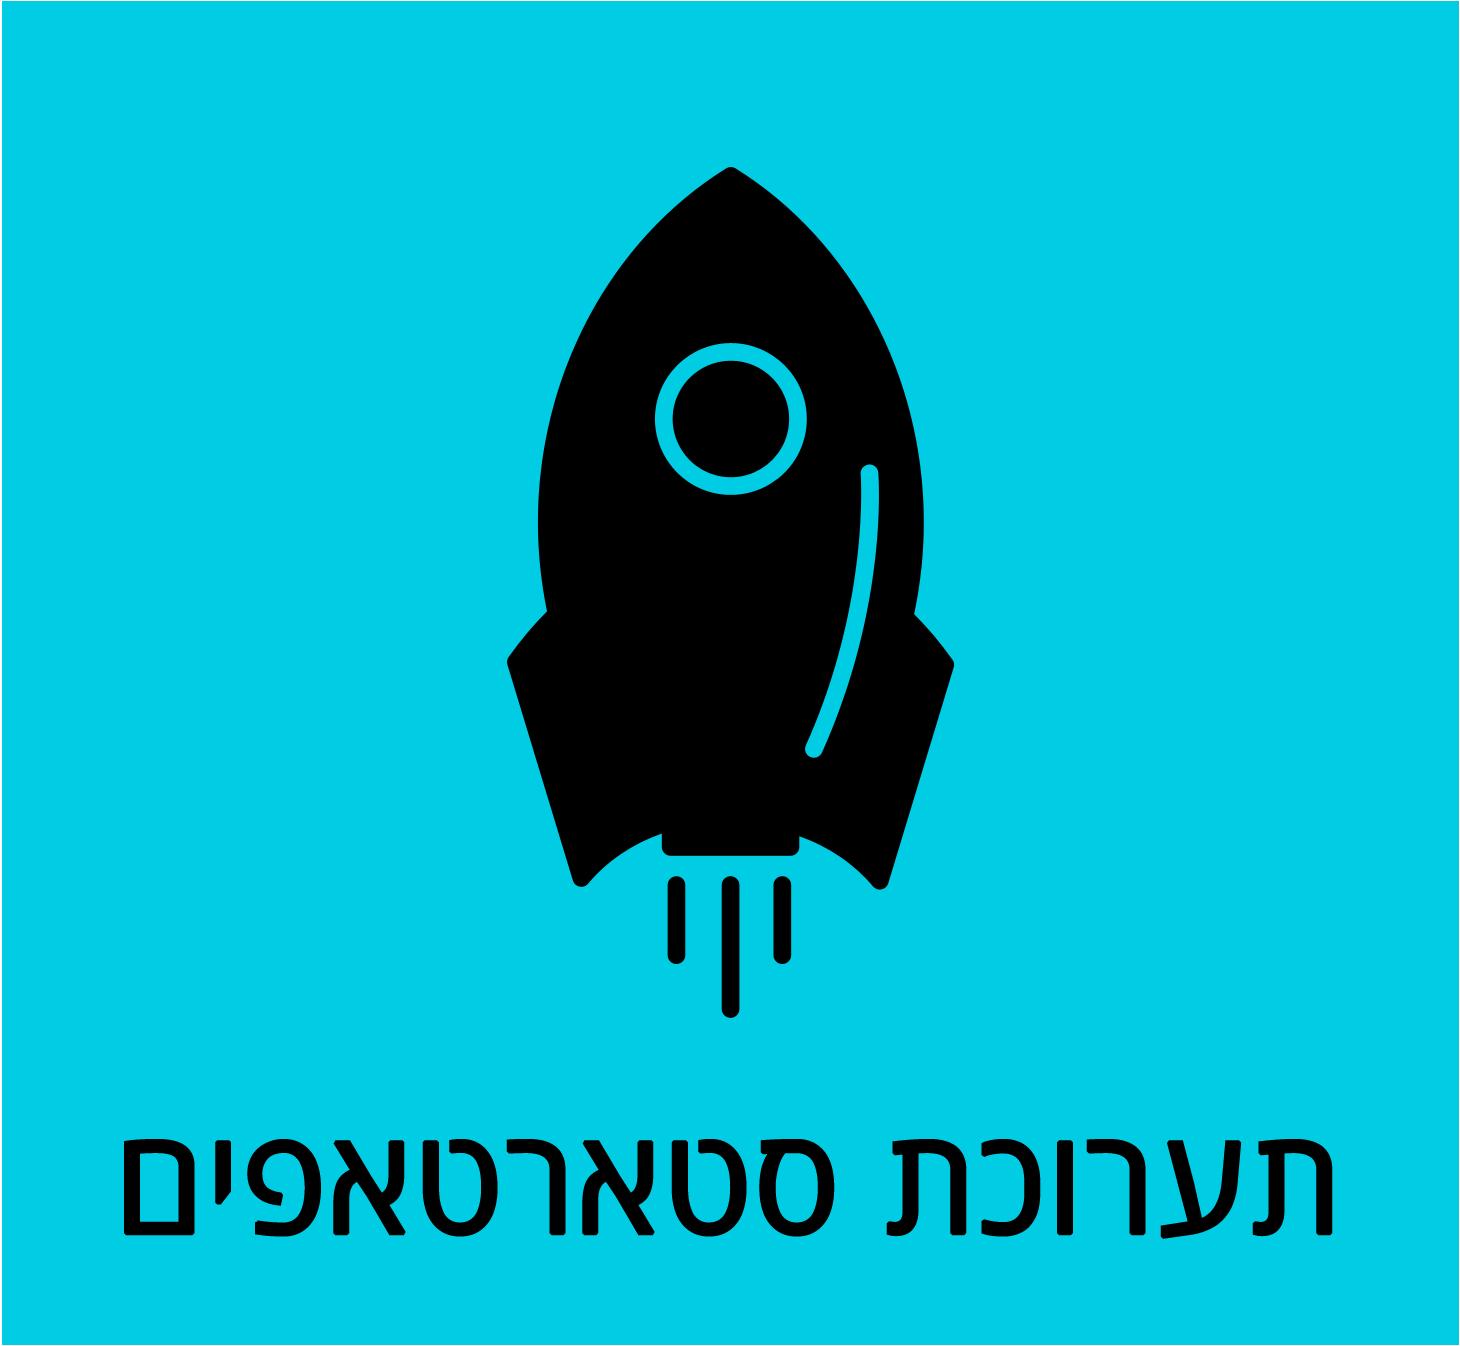 squares_rocket